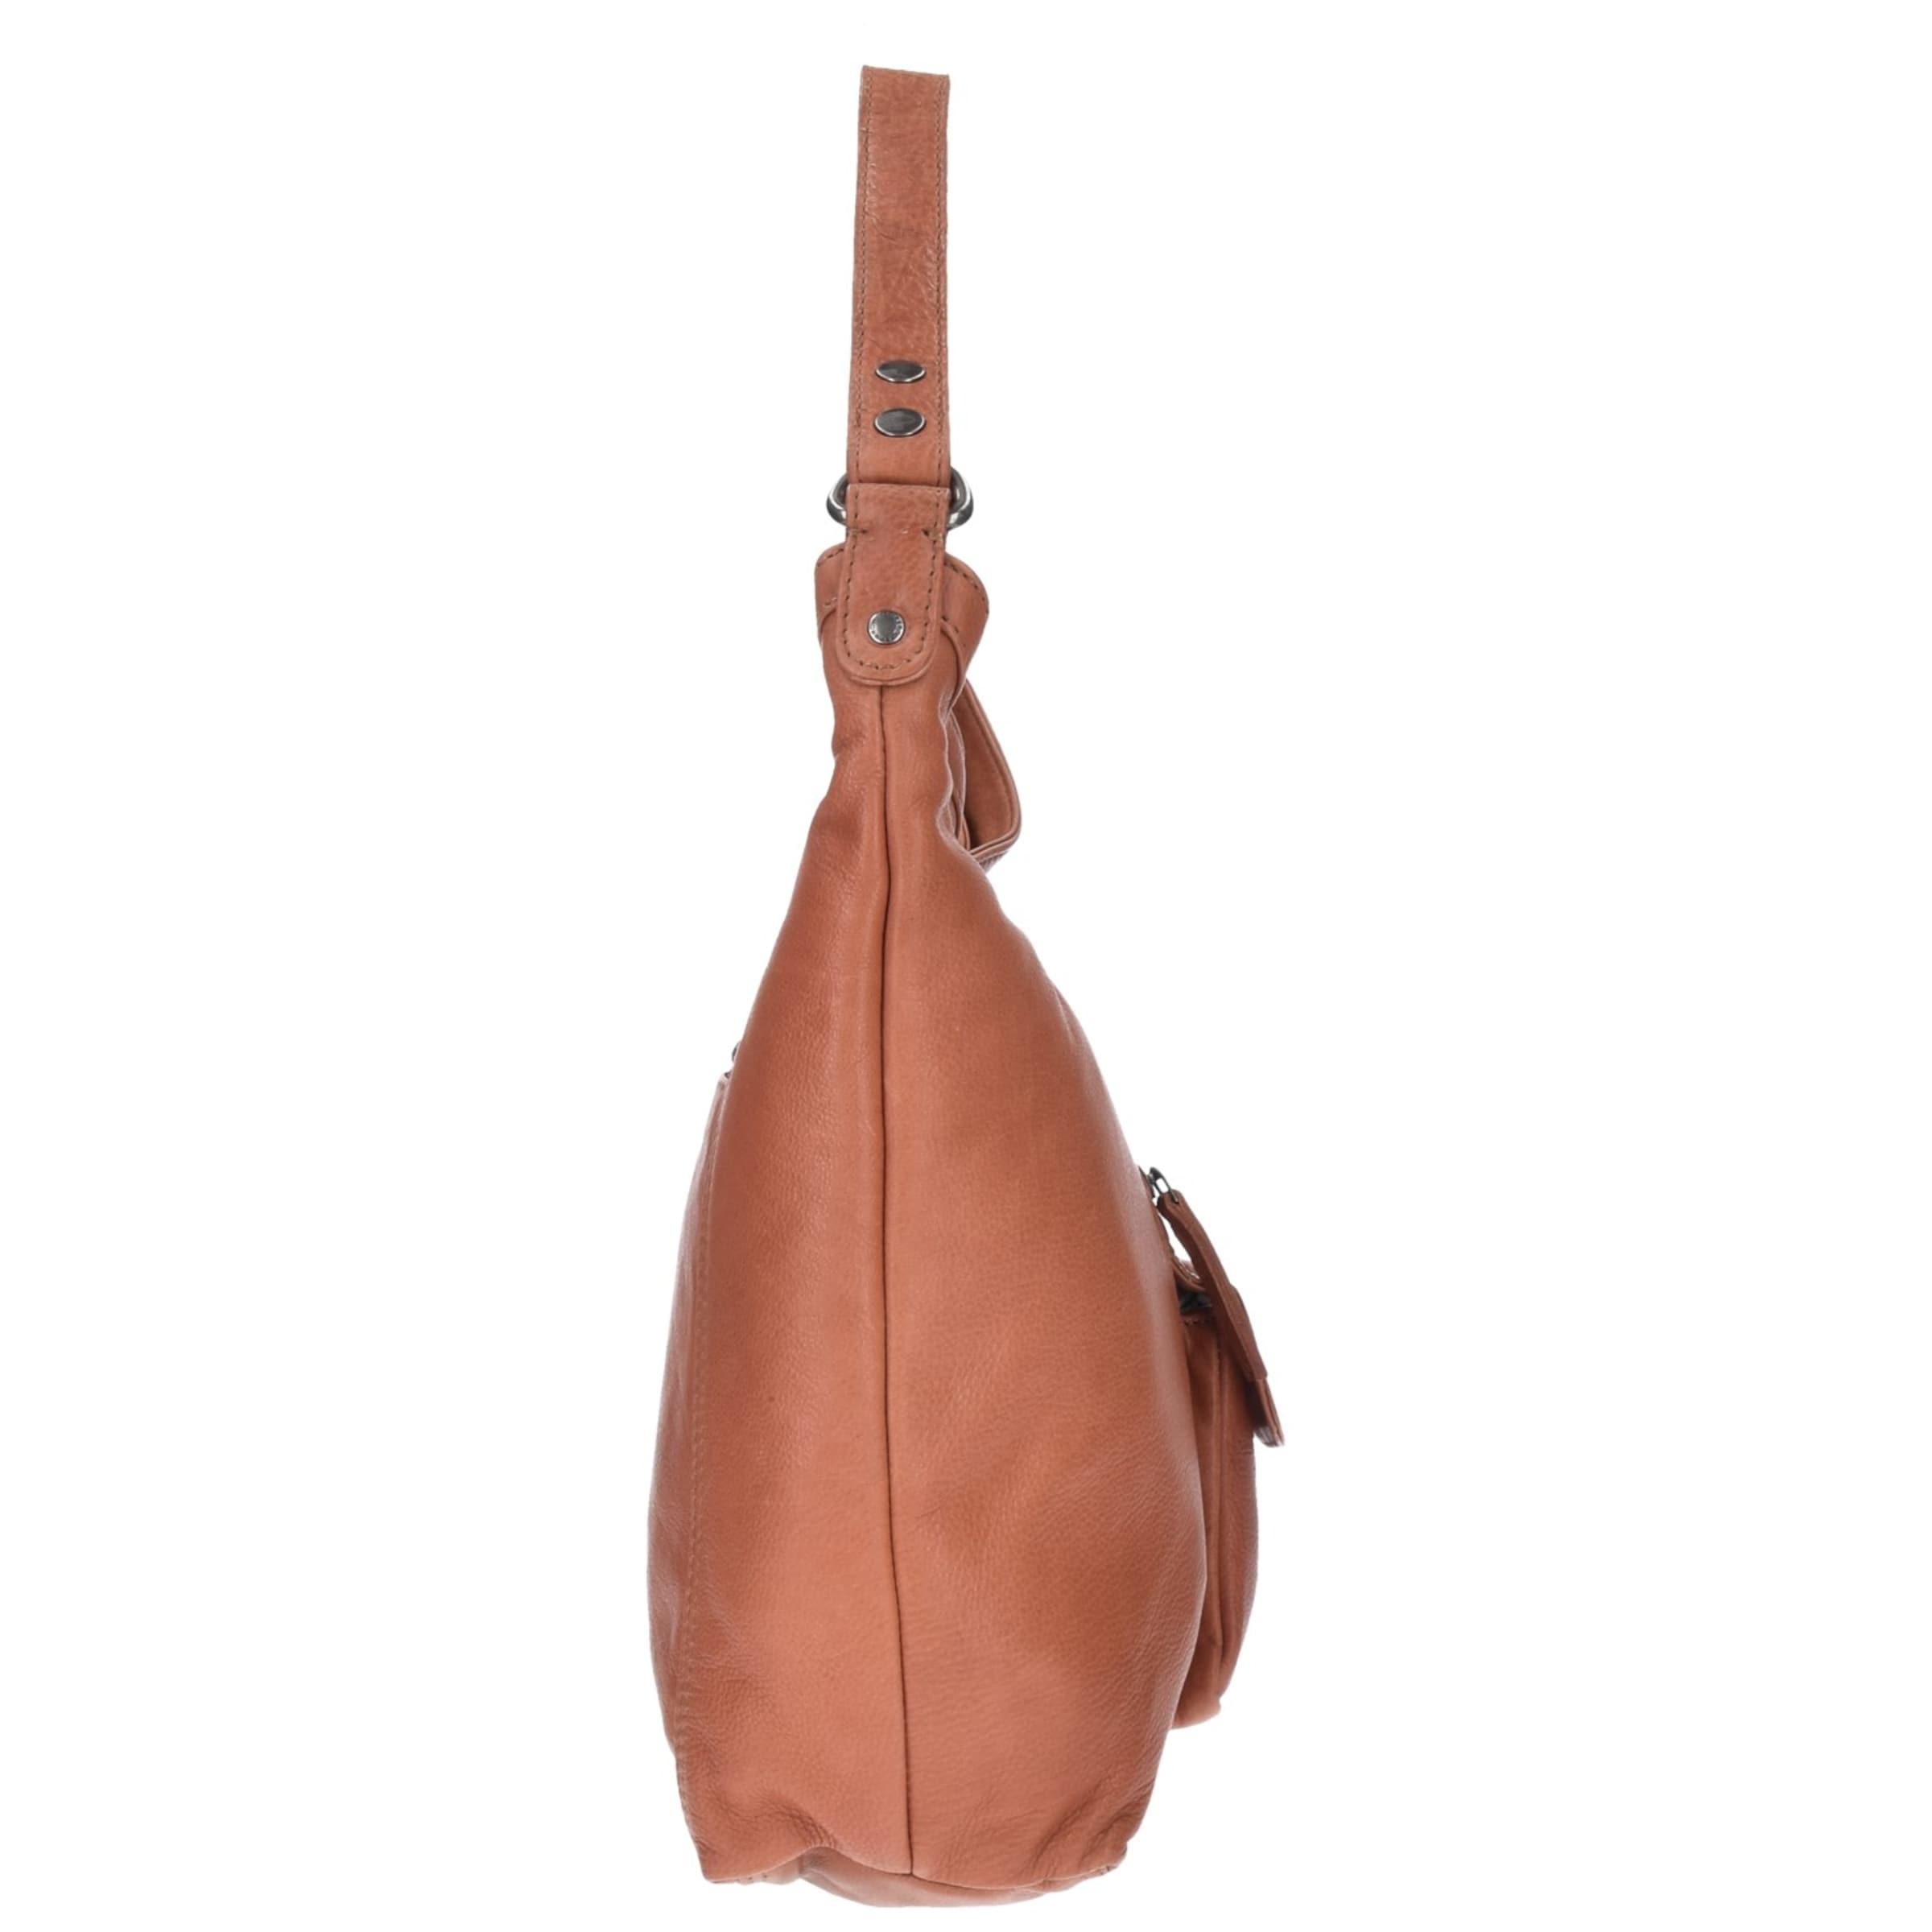 Verkauf Wie Viel Spikes & Sparrow Idaho Umhängetasche Leder 28 cm Rabattpreise vFs4flLq